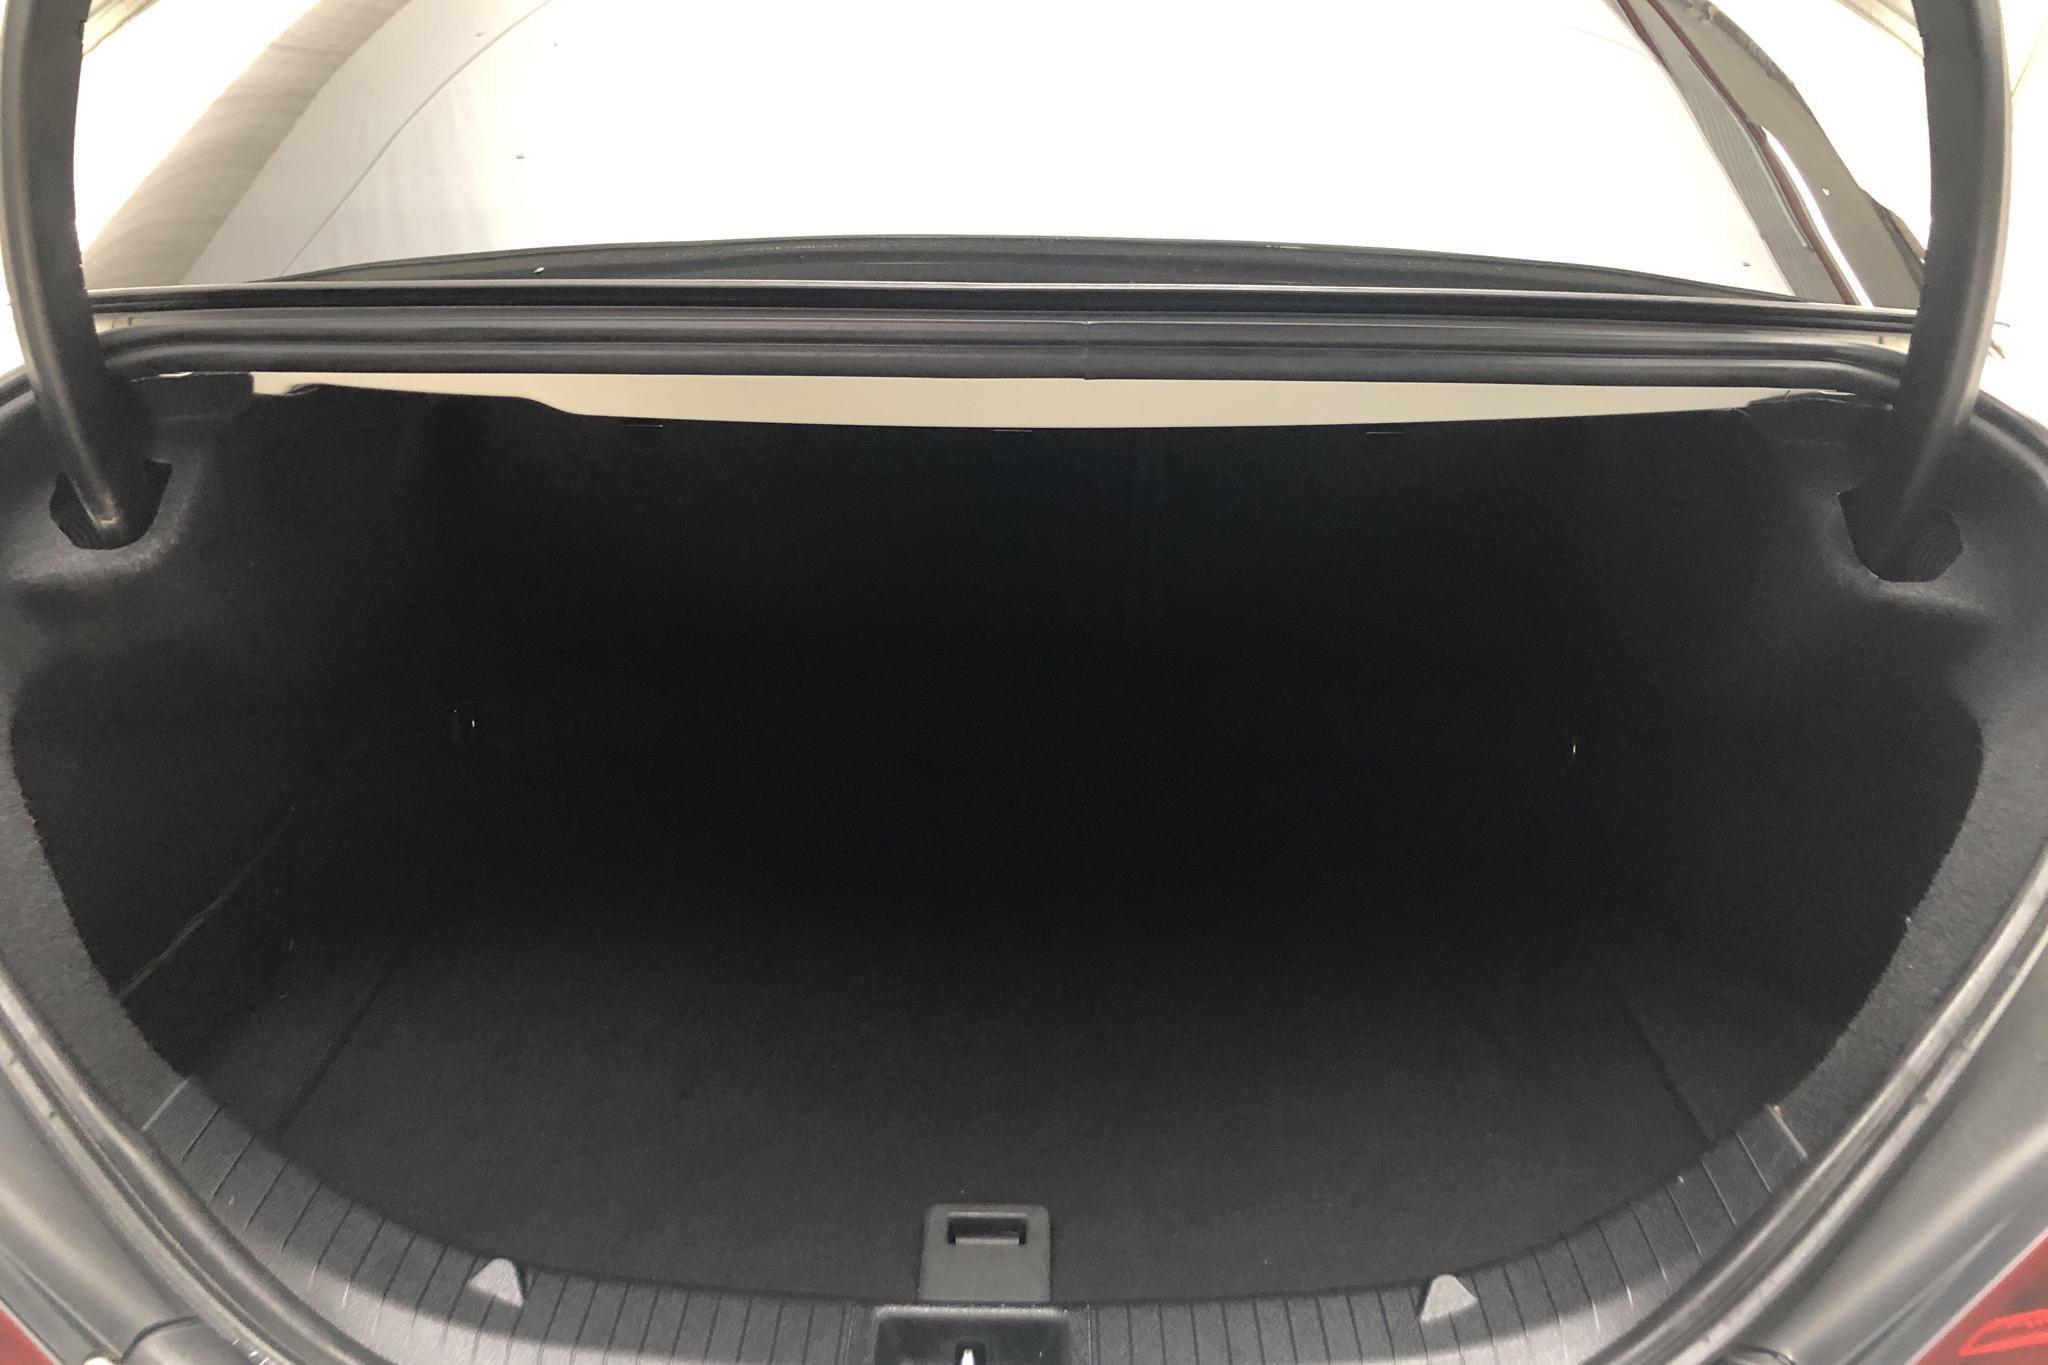 Mercedes CLA 200 d 4MATIC Coupé C117 (136hk) - 8 466 mil - Automat - vit - 2016